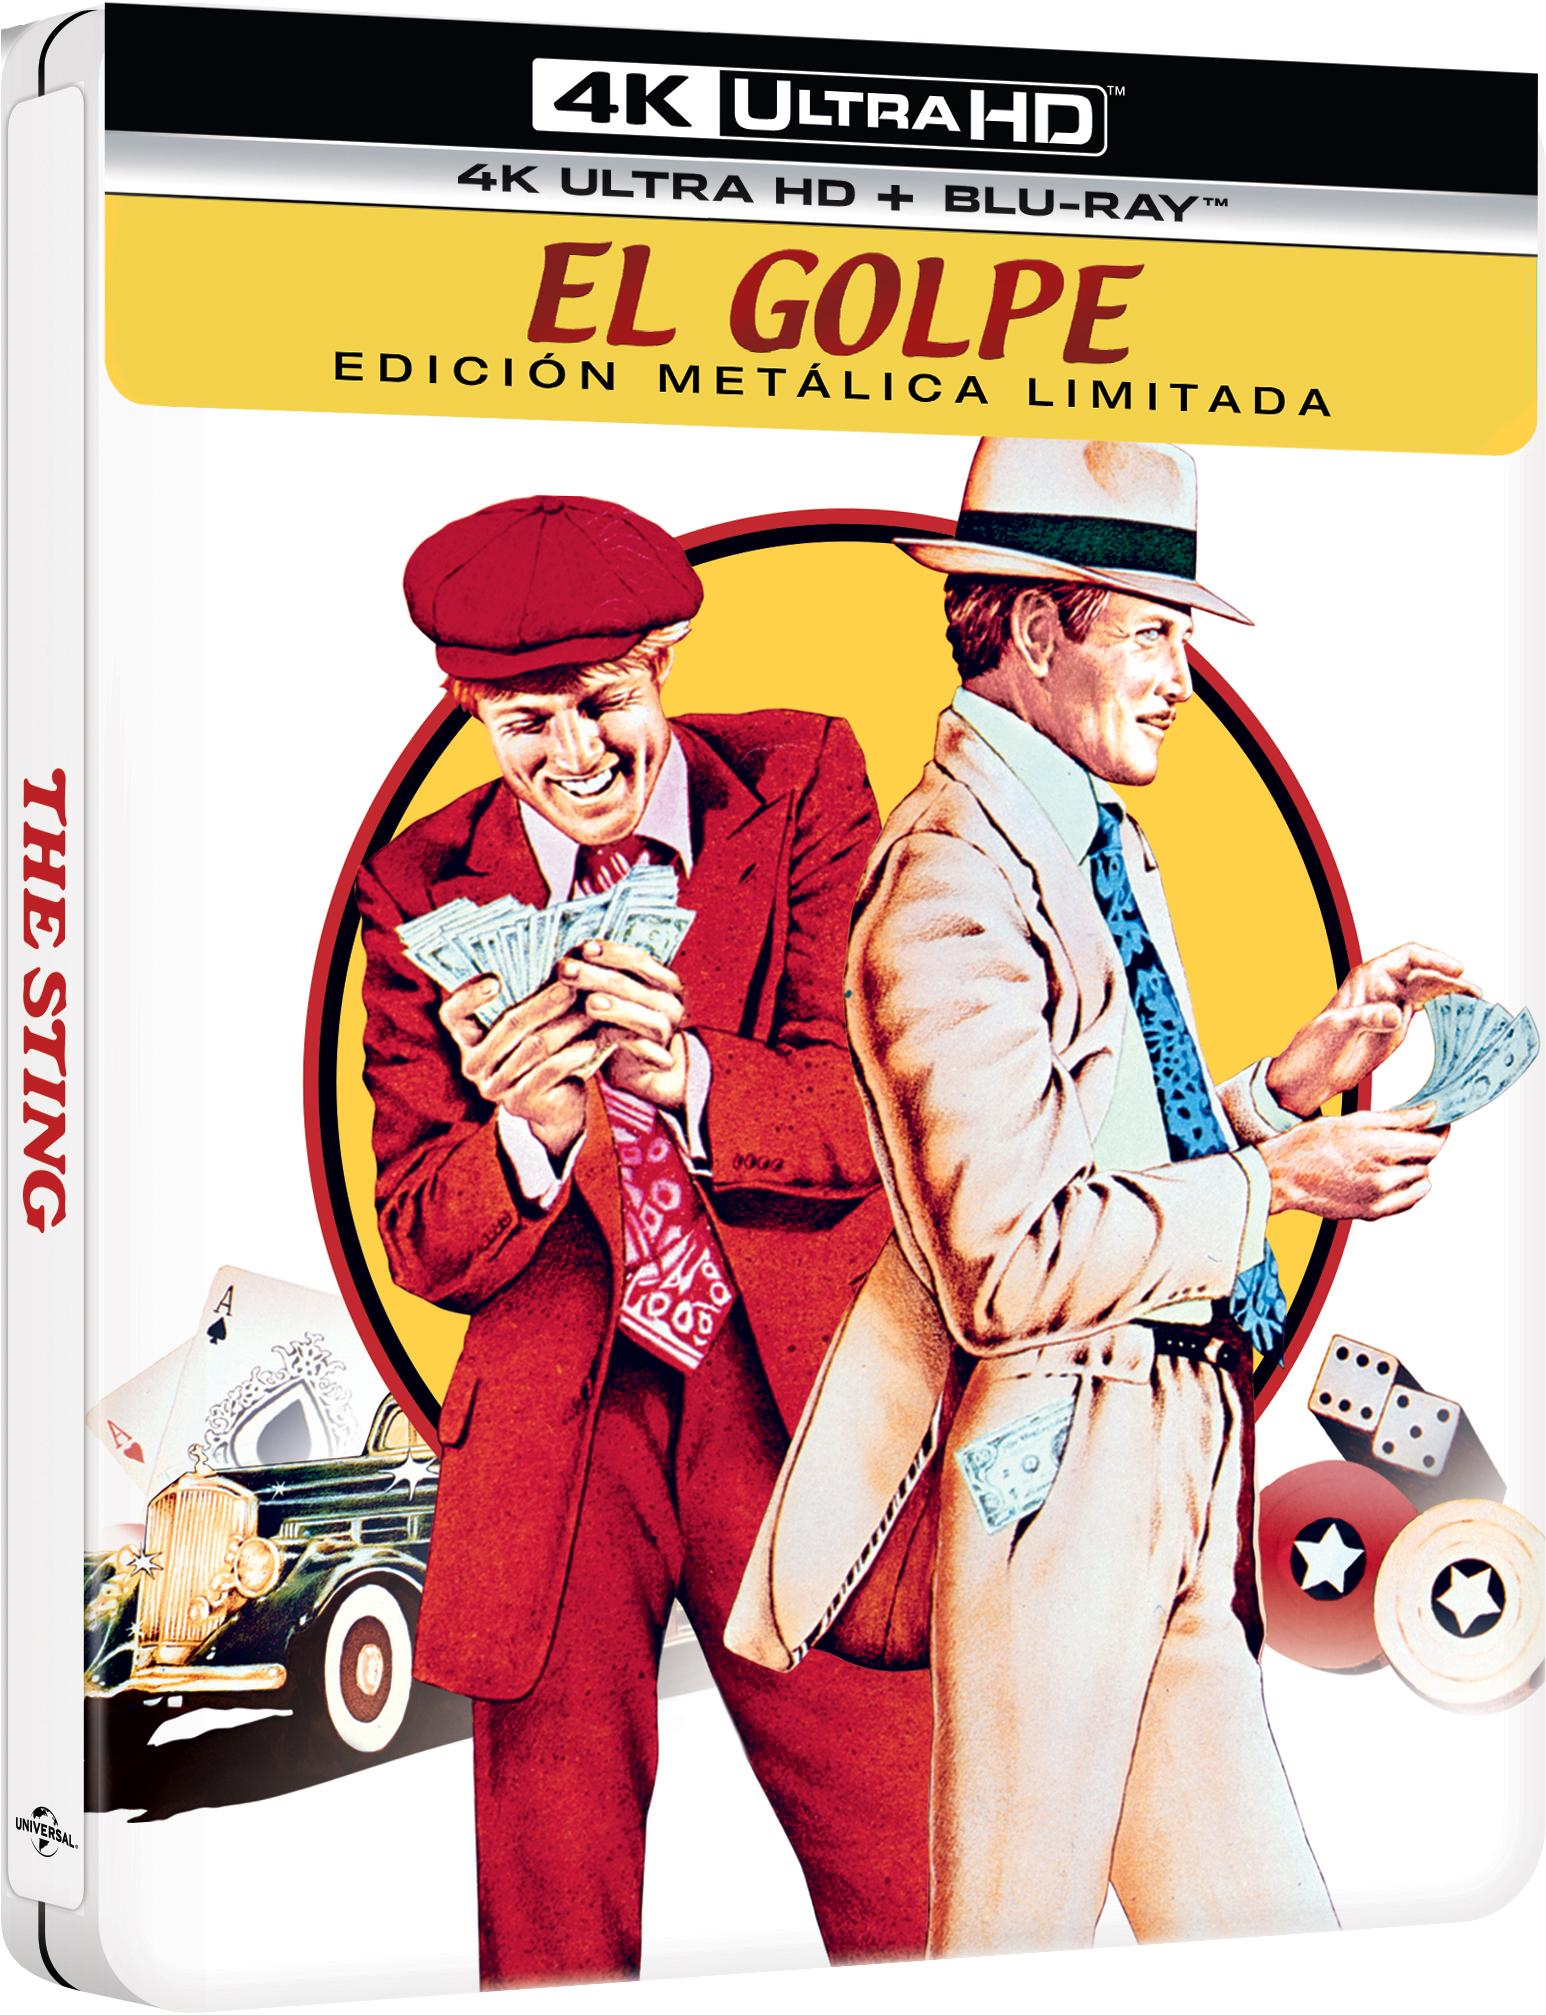 'El Golpe' llegará en Steelbook 4K Ultra HD el 19 de mayo • En tu pantalla